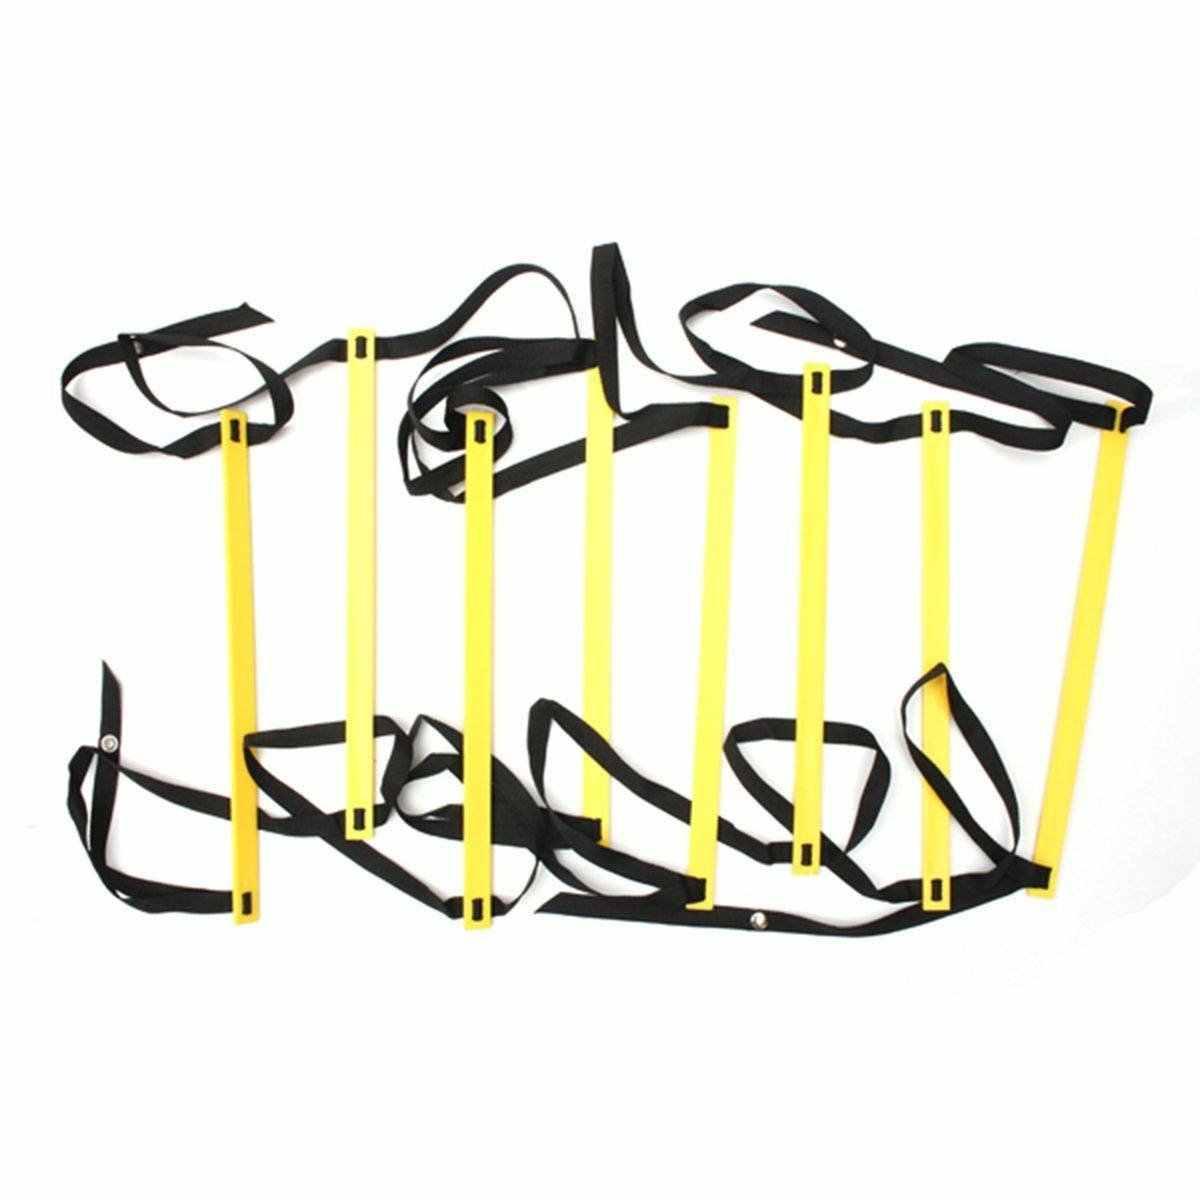 8-Rung 4 м ловкость лестница Координационная лестница для скоростного футбола Футбол фитнес ноги тренировки, желтый + черный